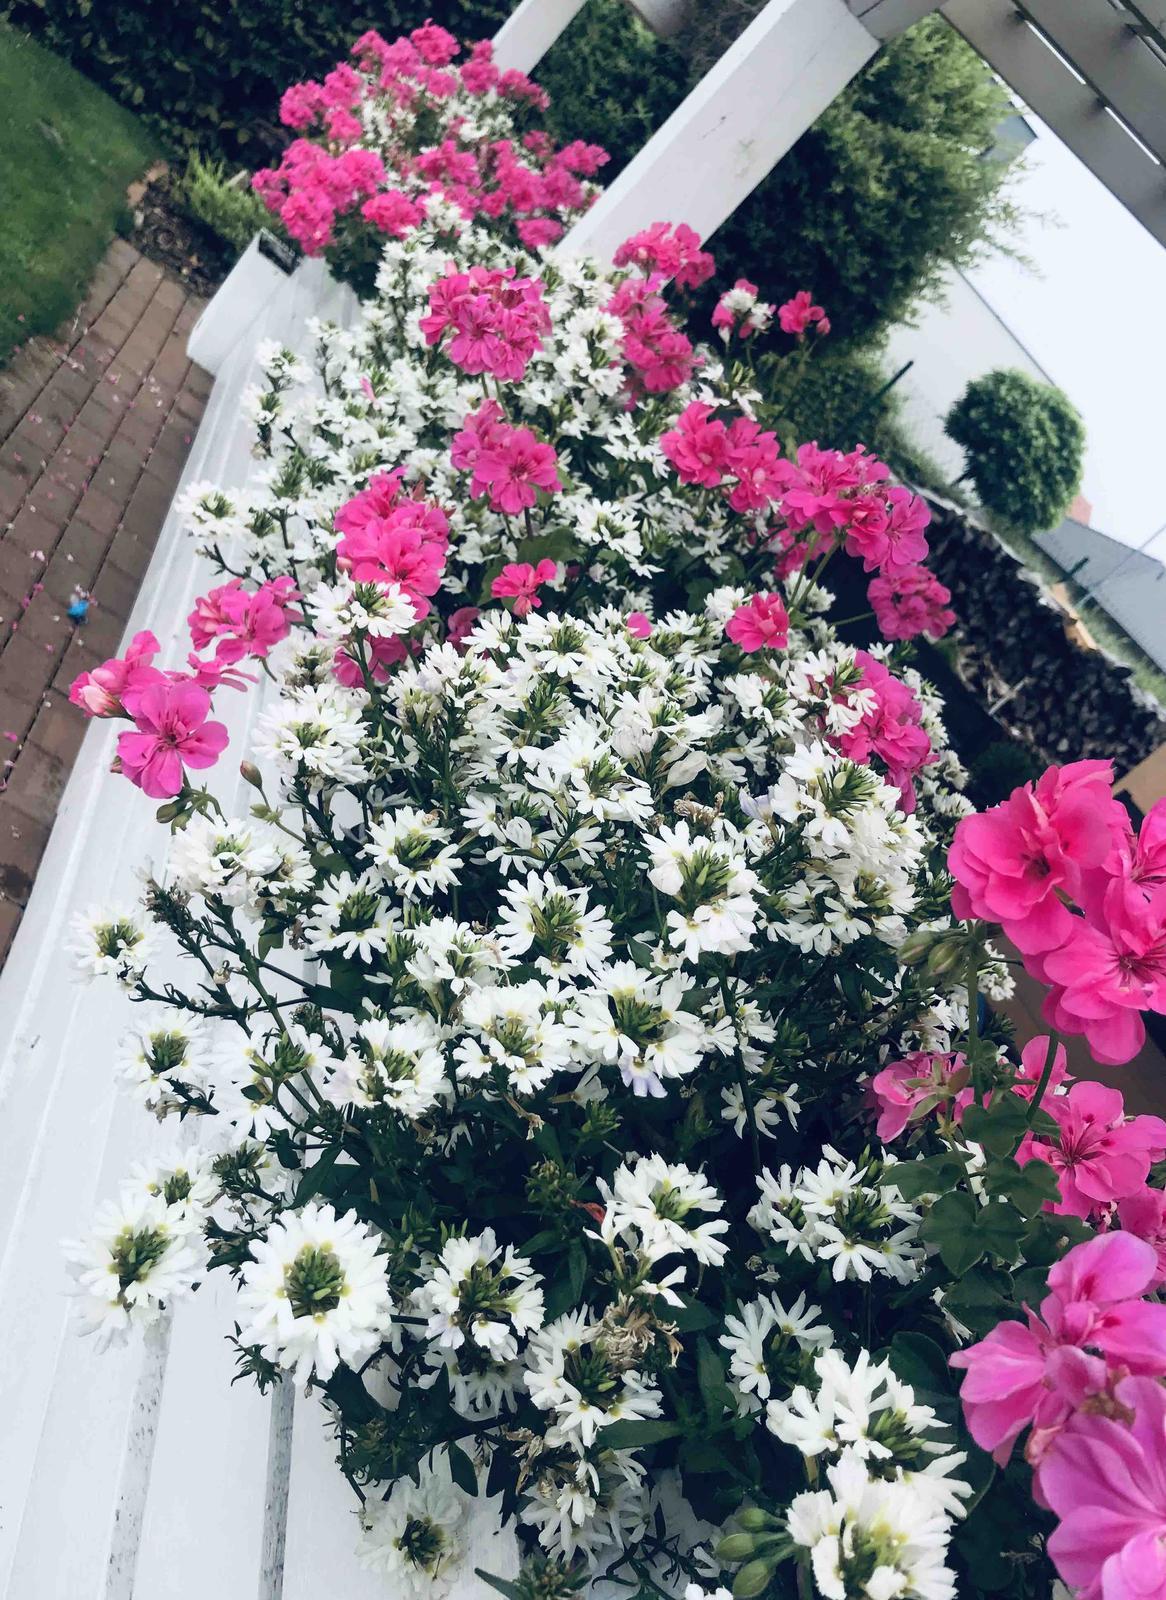 Naše barevná zahrada 🌸 - Vějířovka se nyní opravdu rozjela 🤗